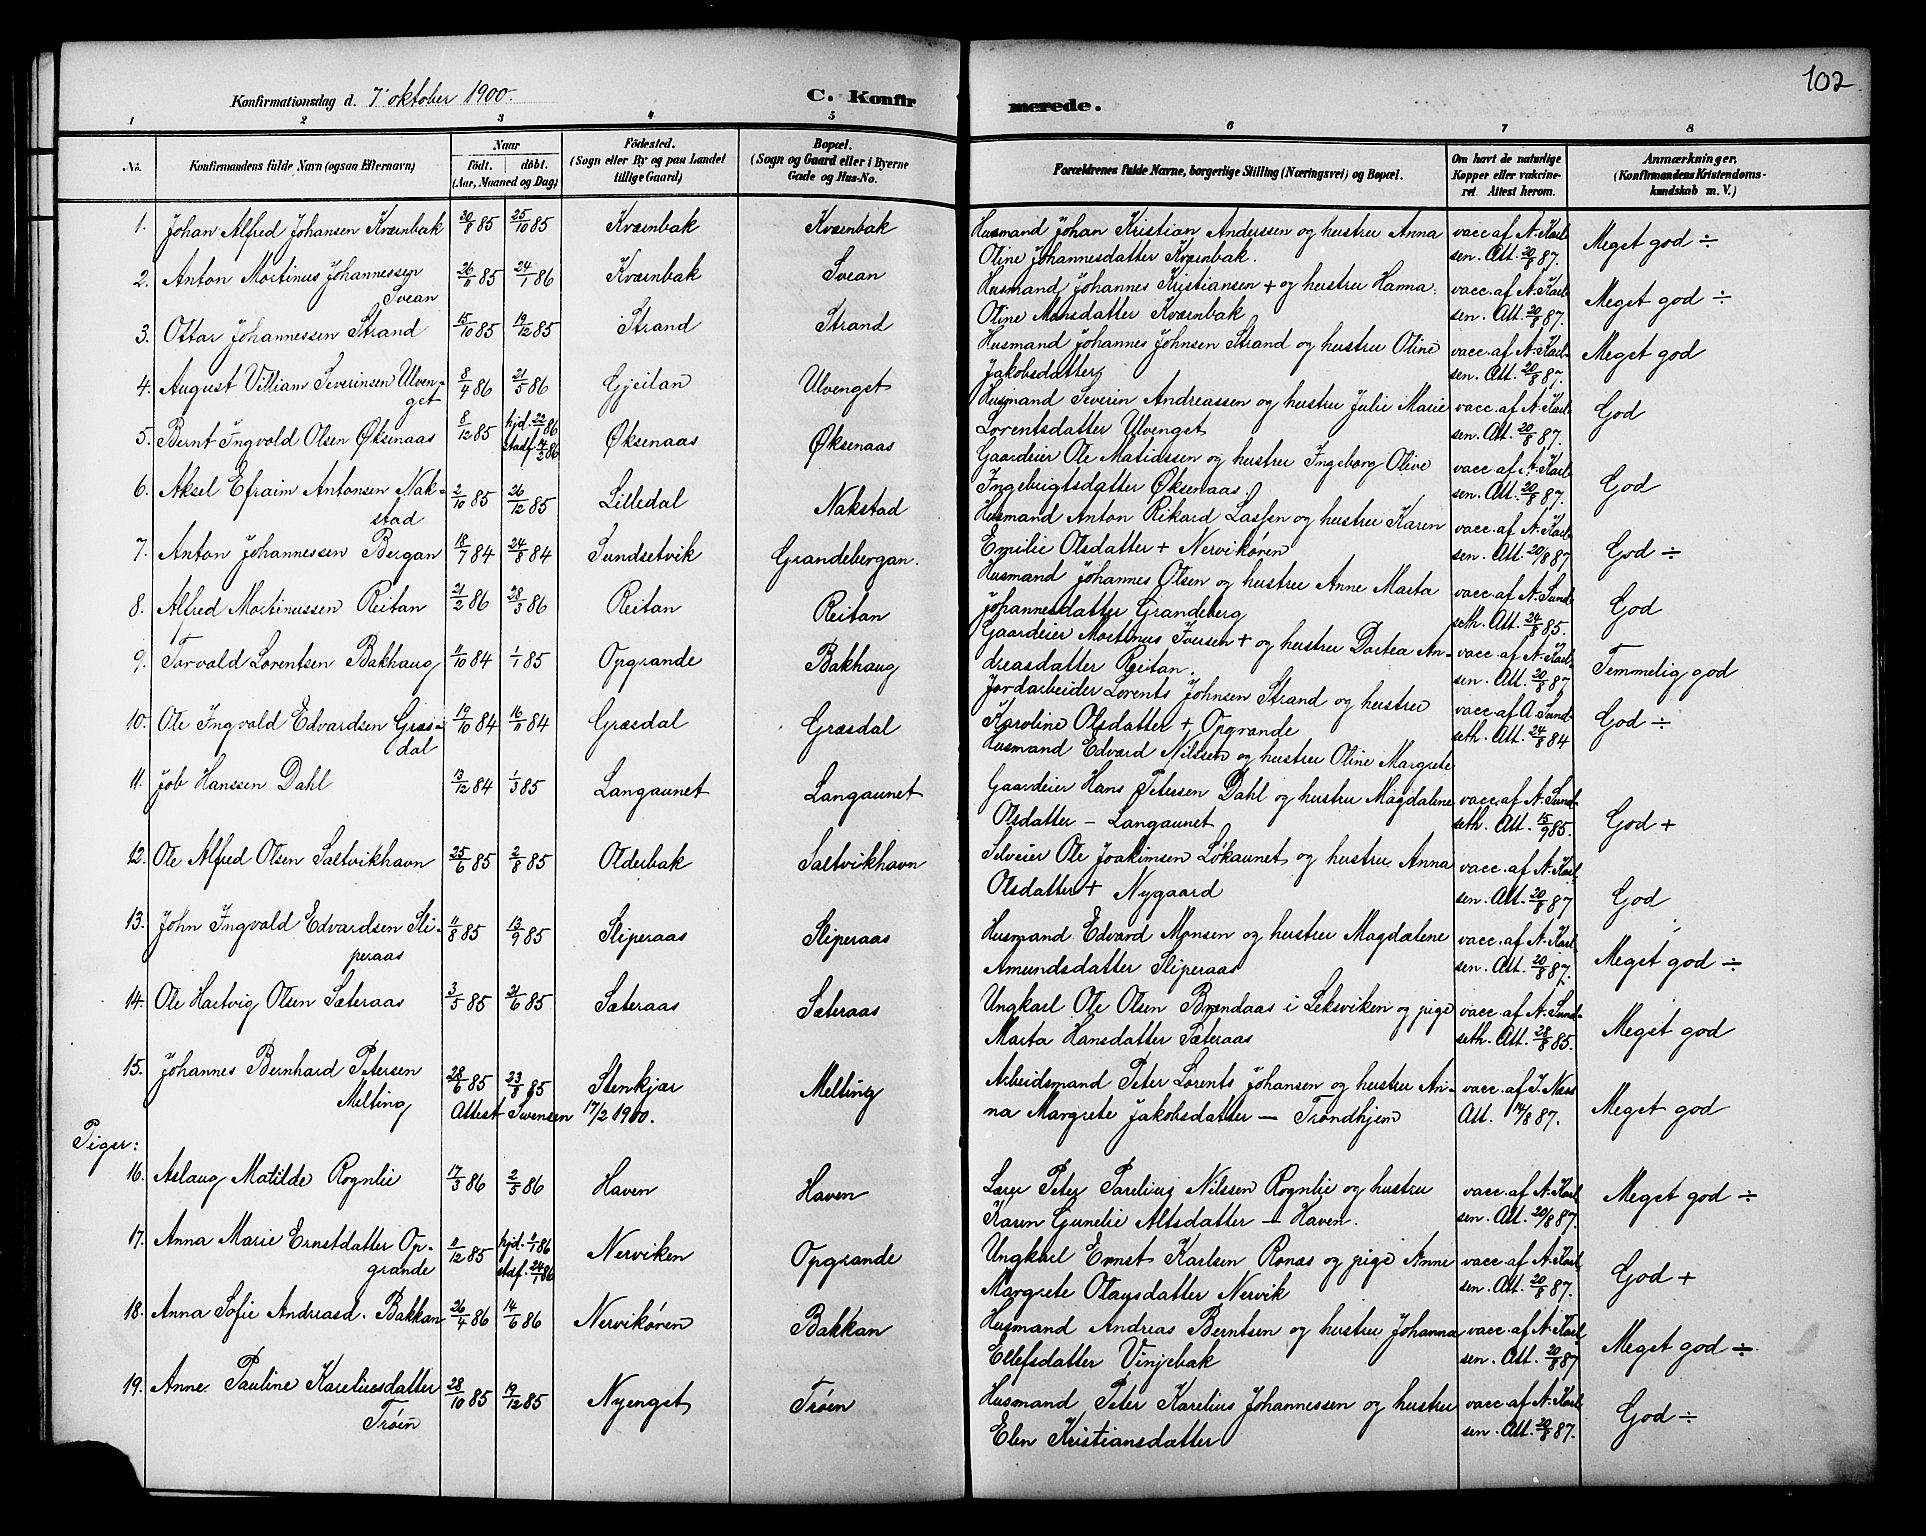 SAT, Ministerialprotokoller, klokkerbøker og fødselsregistre - Nord-Trøndelag, 733/L0327: Klokkerbok nr. 733C02, 1888-1918, s. 102